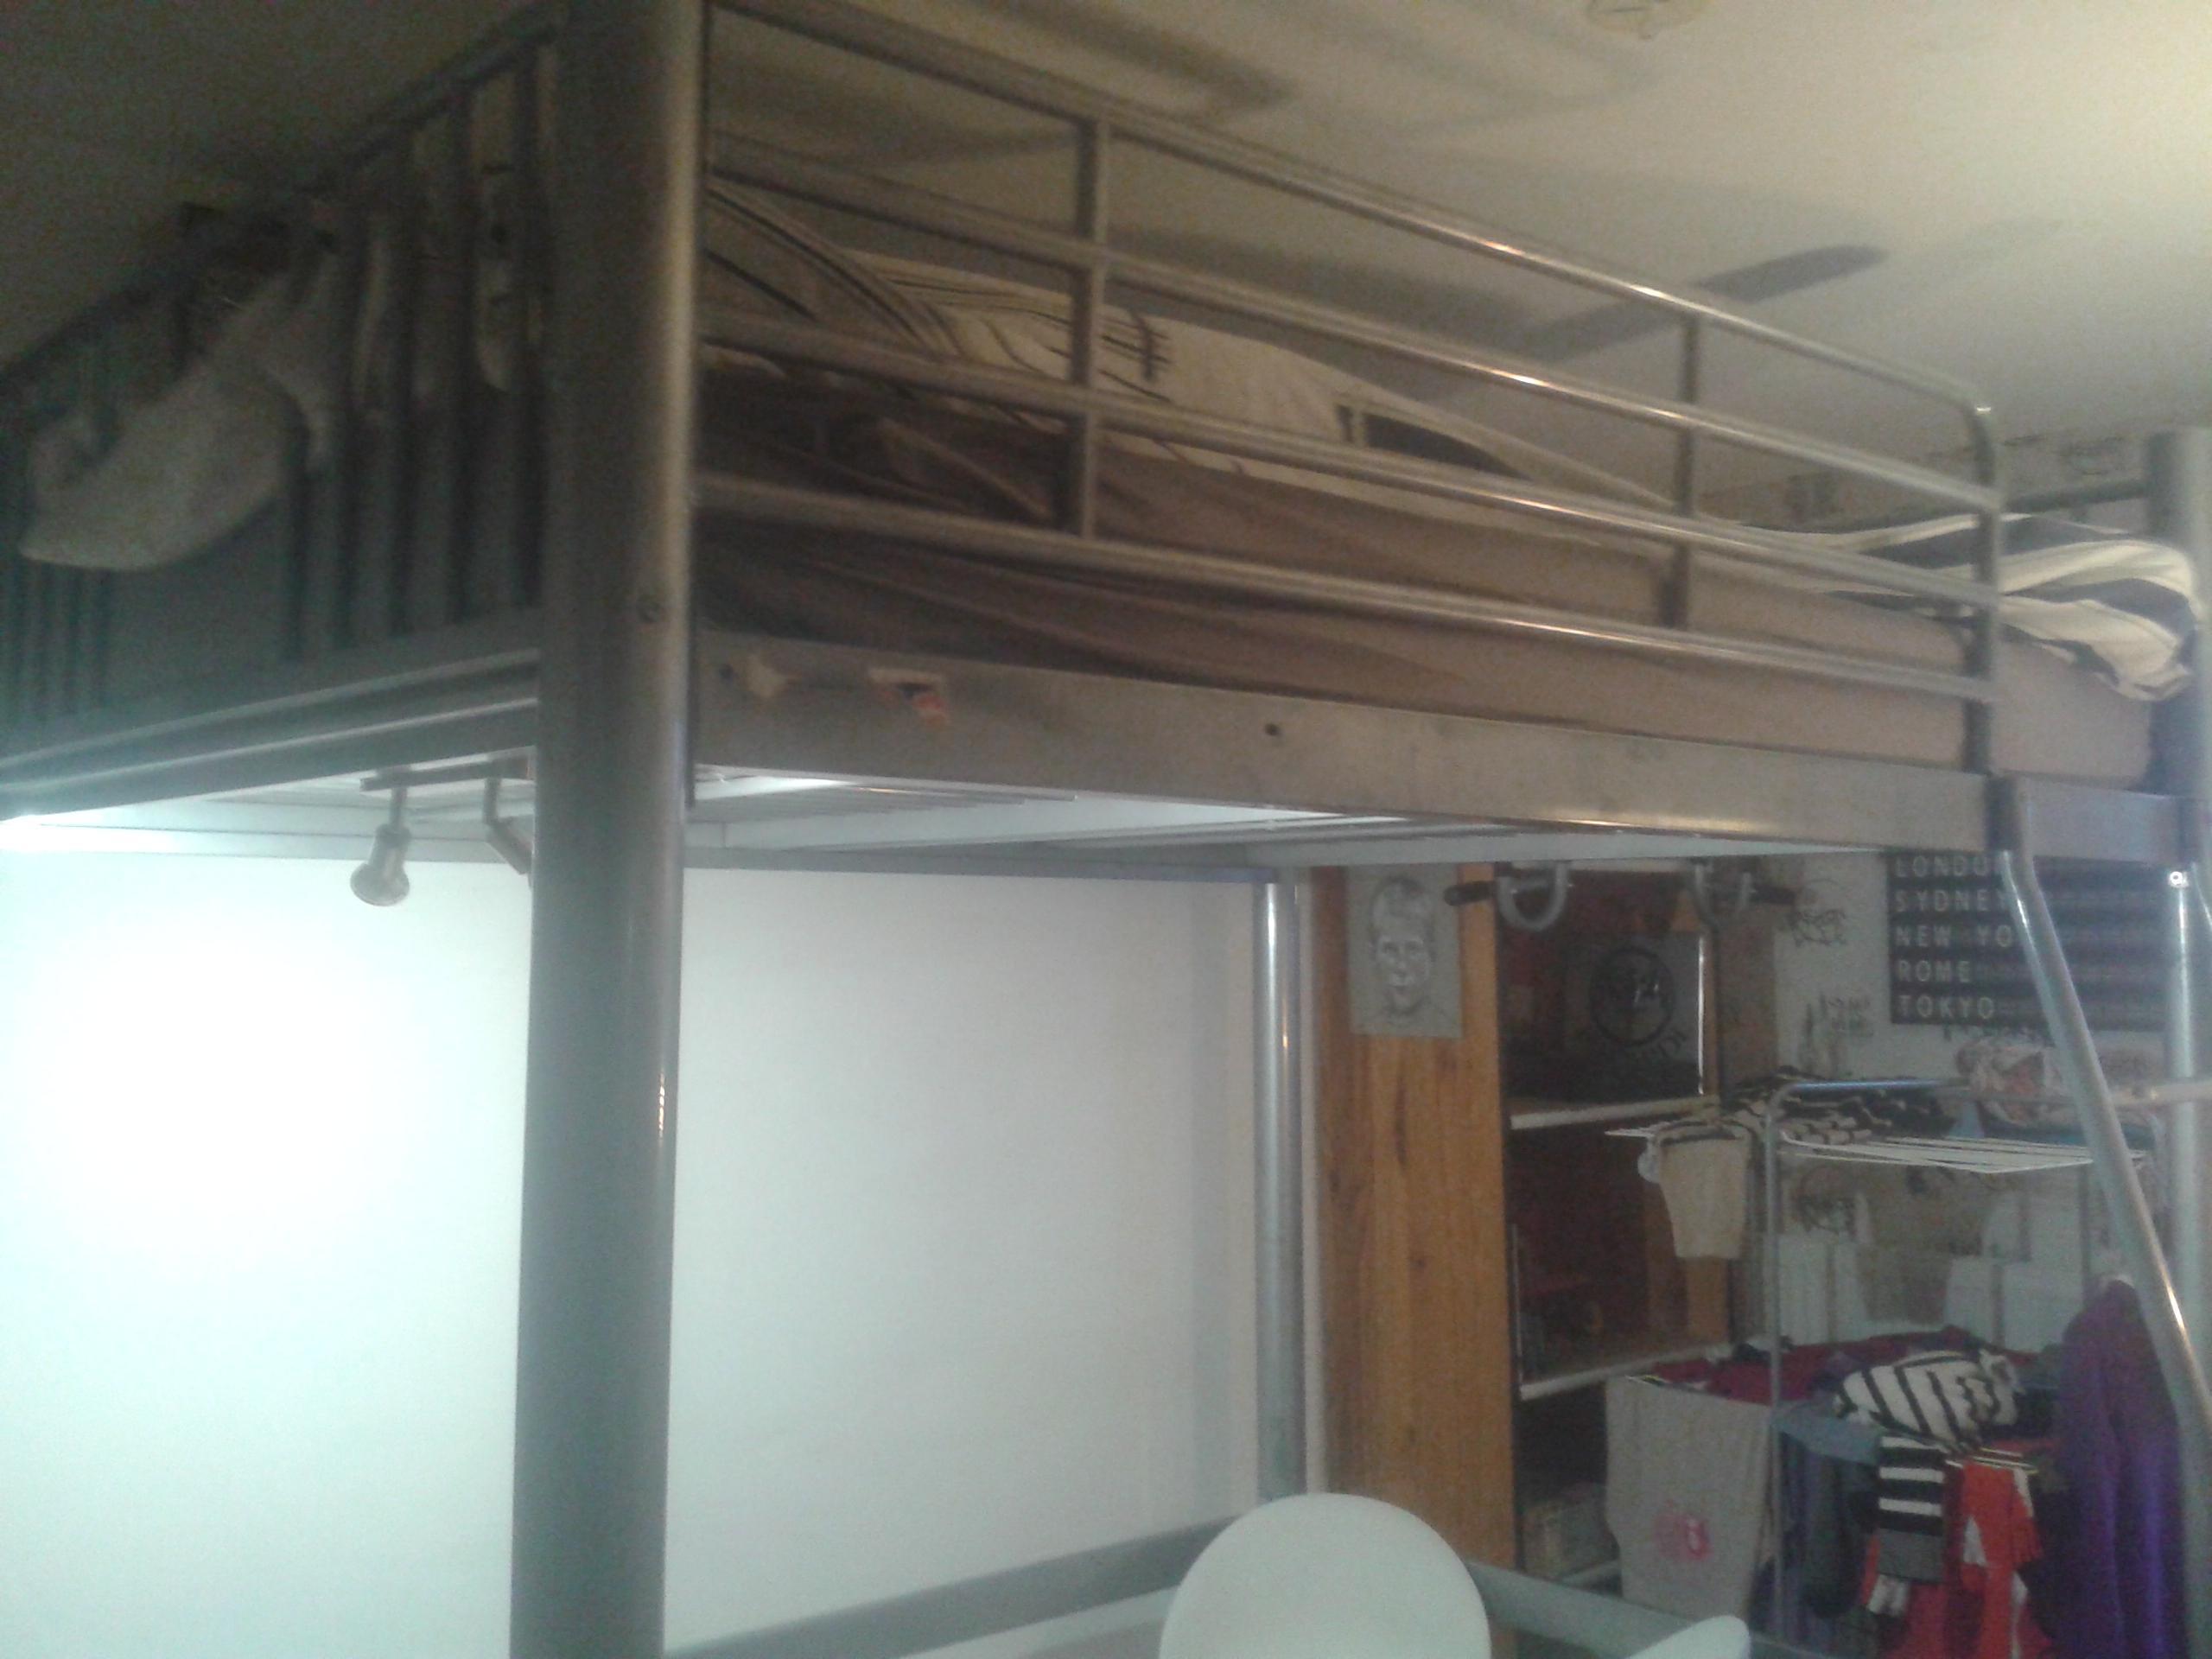 Troc lit 2 places en mezzanine - Dimension lit mezzanine 2 places ...